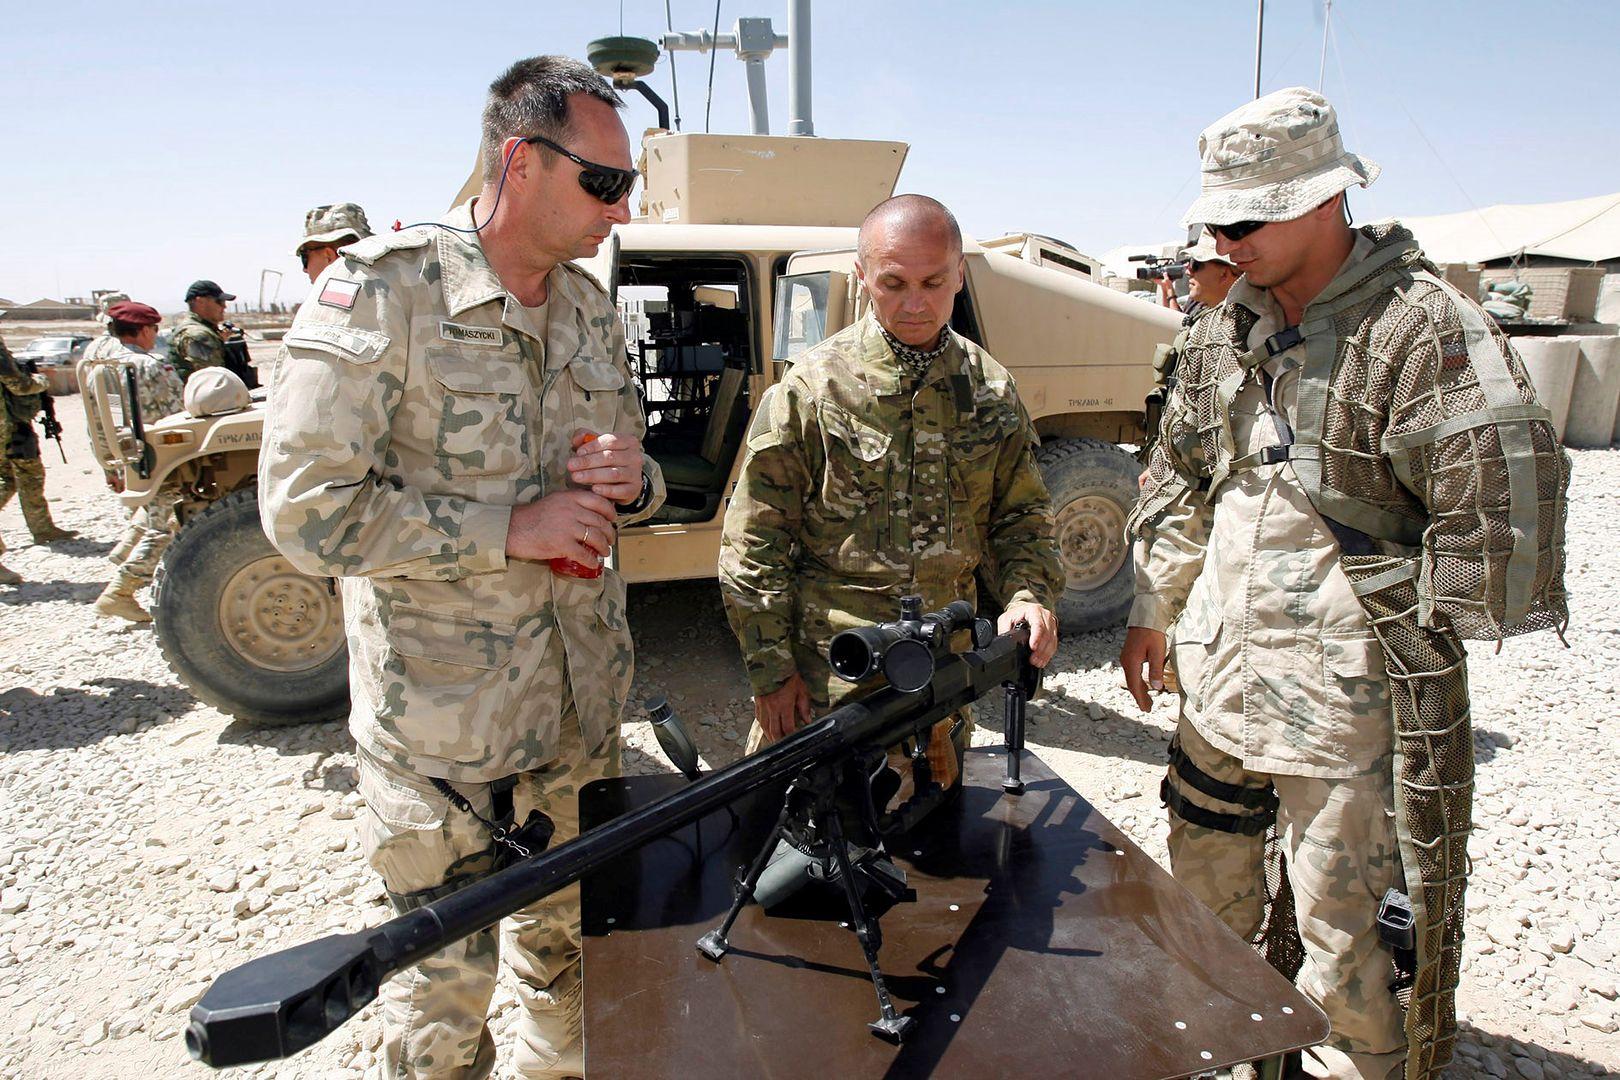 Gen. Roman Polko, w czasie gdy był dowódcą GROM, rozpoczął działania w Afganistanie, a w marcu 2003 wziął udział w II wojnie w Zatoce Perskiej oraz rozpoczął służbę na misji stabilizacyjnej w Iraku